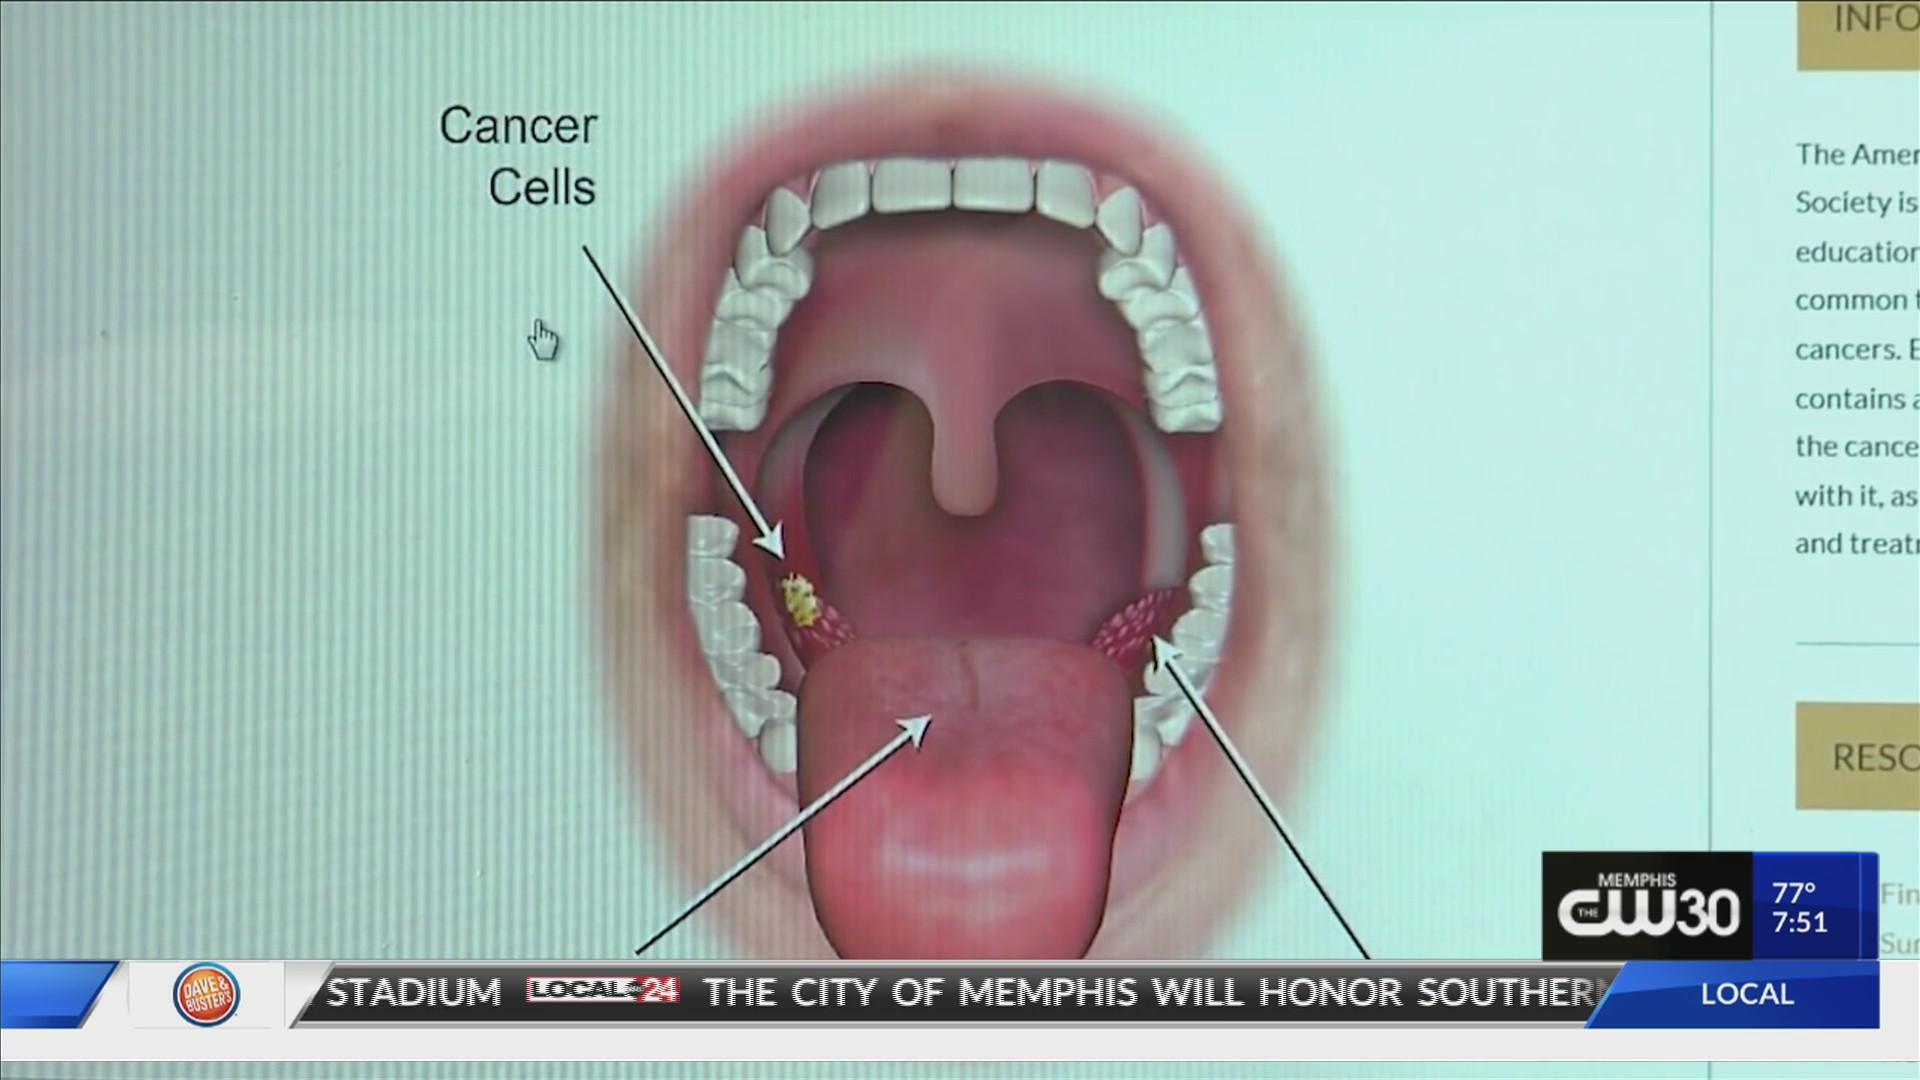 Giardia gatto incubazione. Egészségünkre: Tudnivalók a HPV-ről cancer biology benign tumors